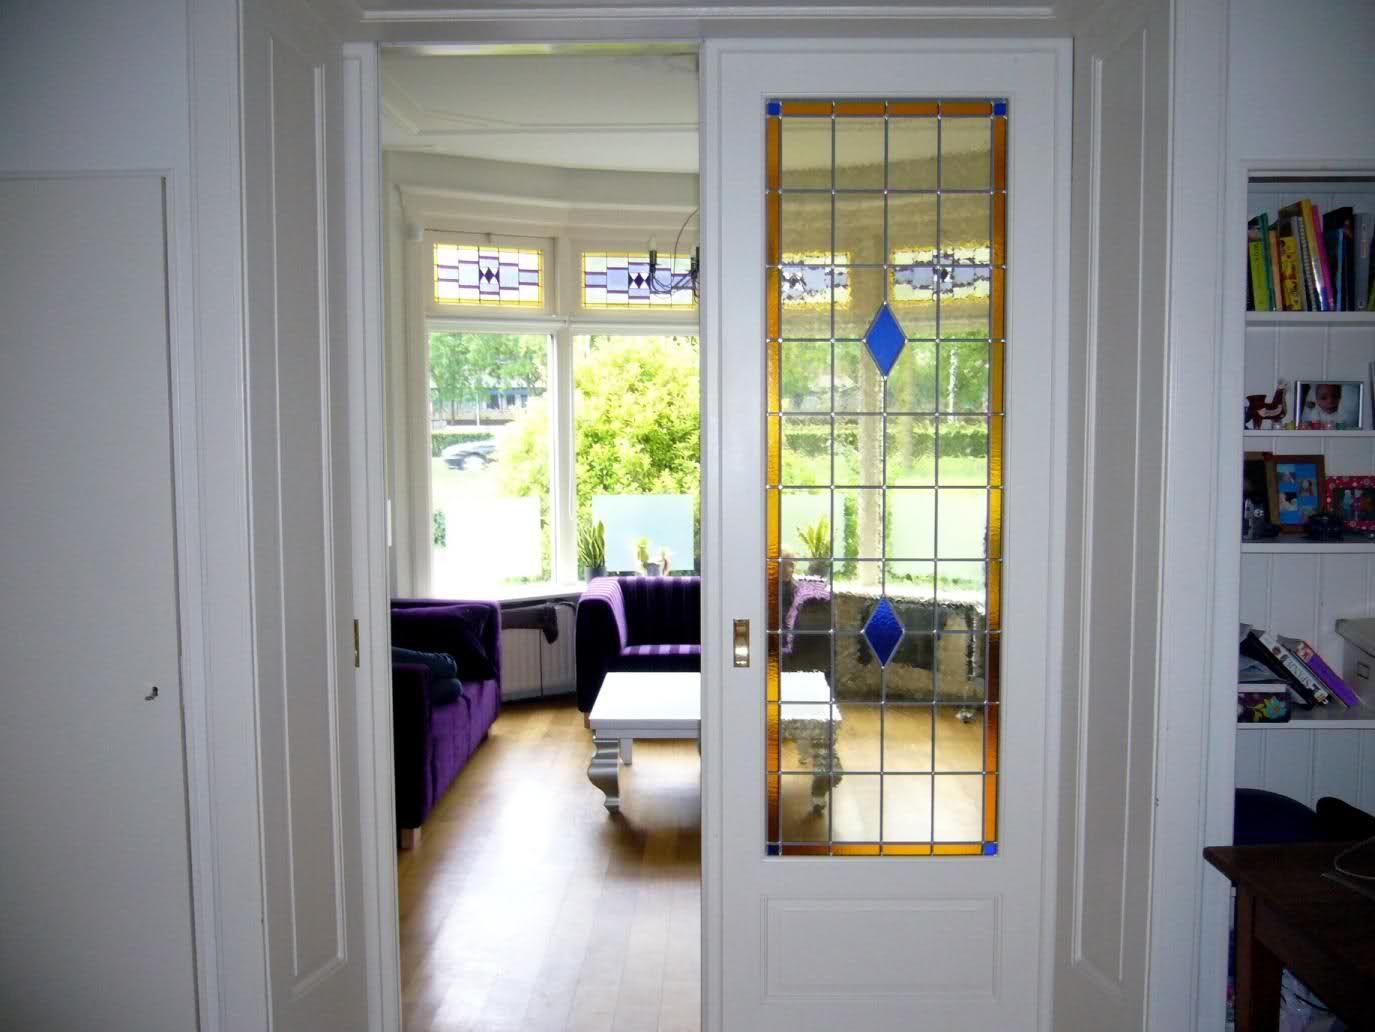 Ensuite Deuren Glas In Lood.Sfeervolle Glas In Lood Ramen In Kamer En Suite Deuren Vitrazhi In